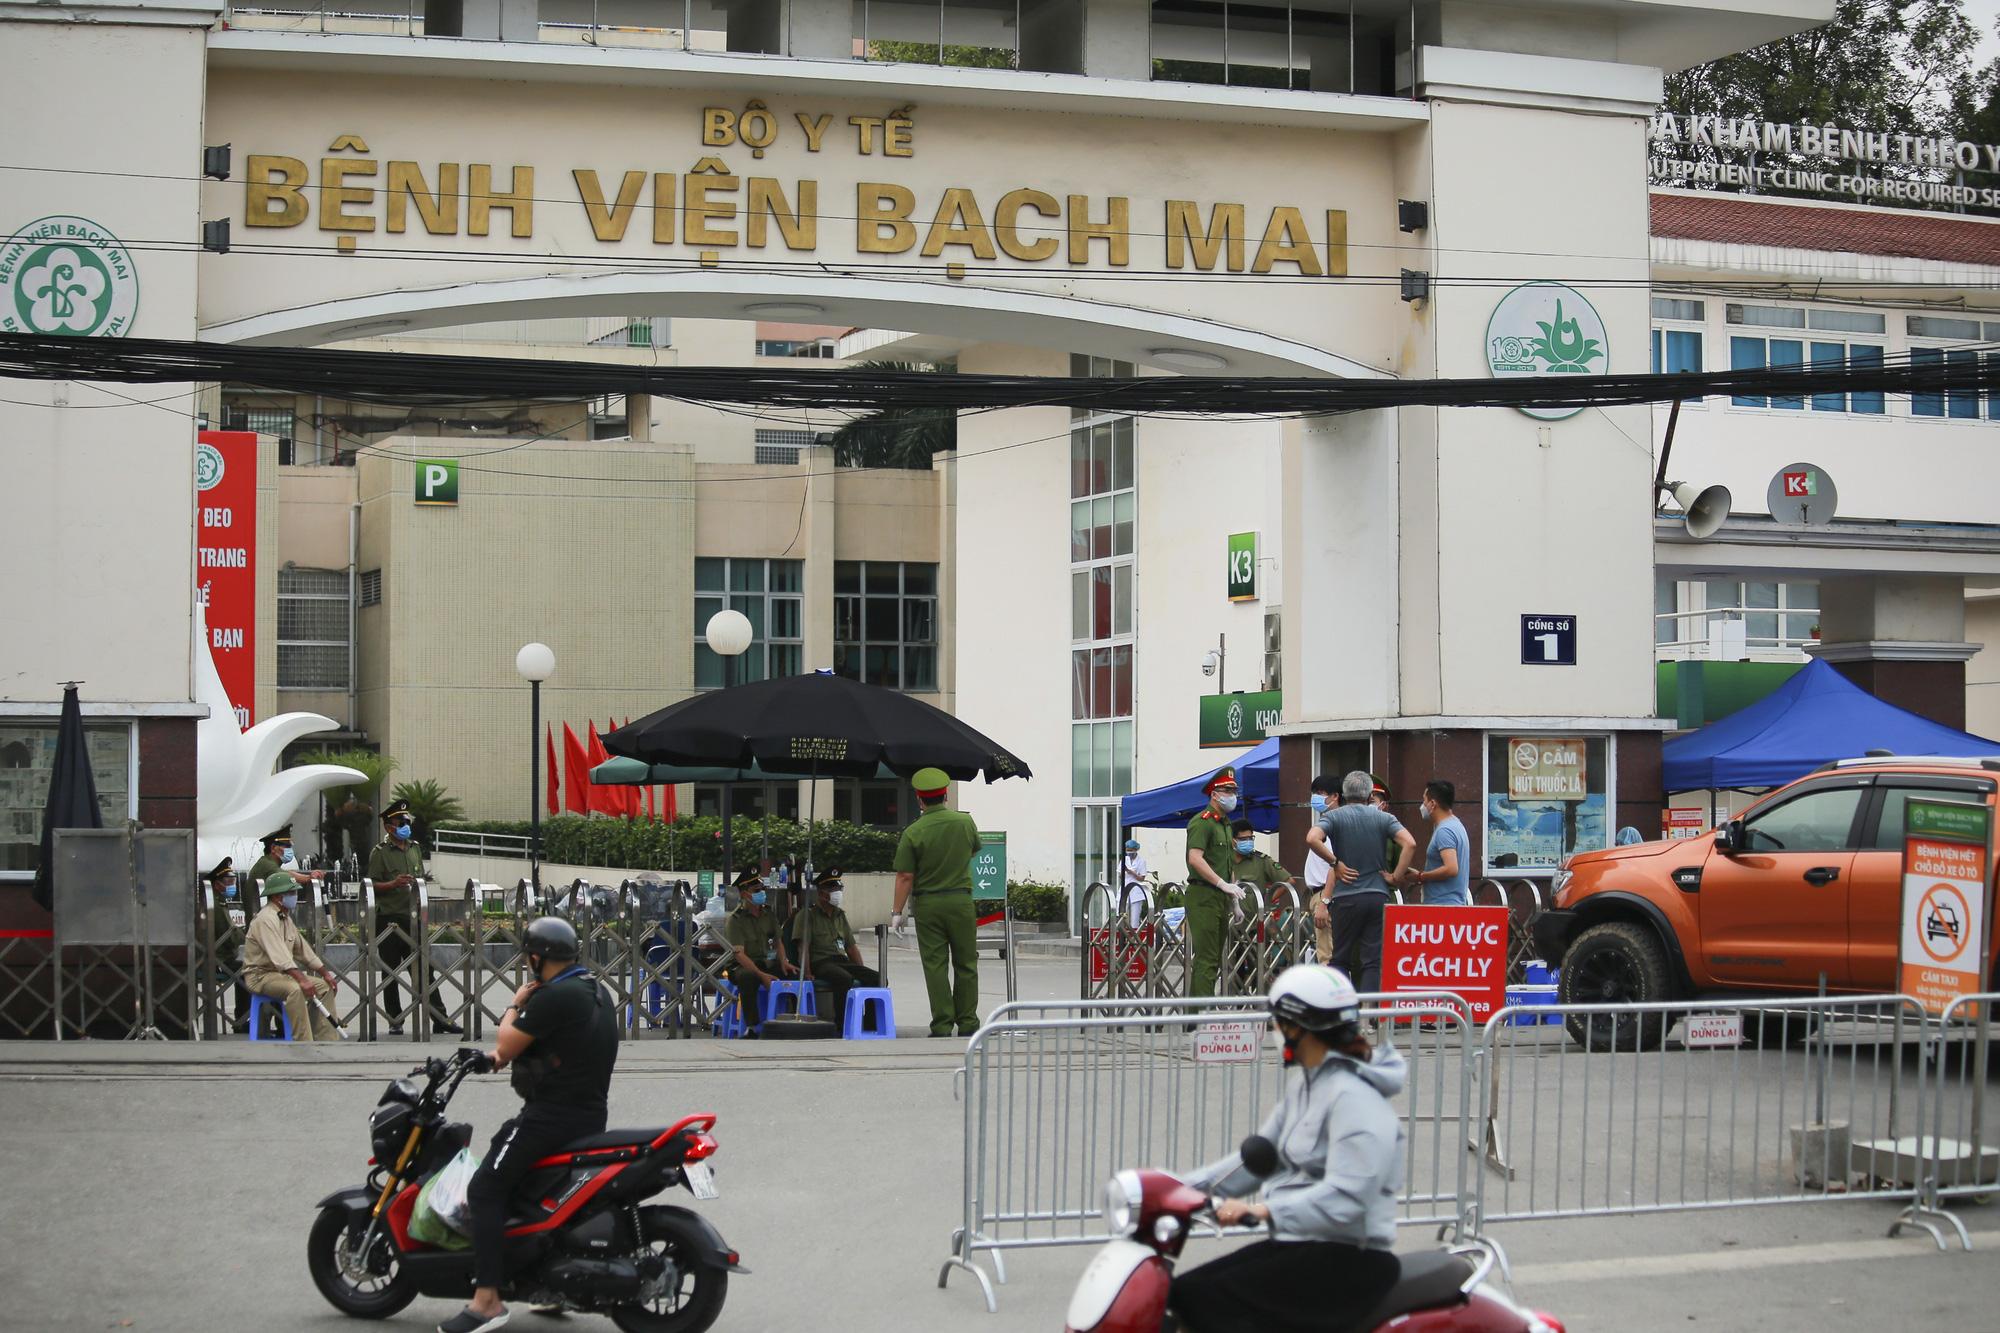 Công ty Trường Sinh khả năng là nguồn lây nhiễm chính tại BV Bạch Mai - Ảnh 1.